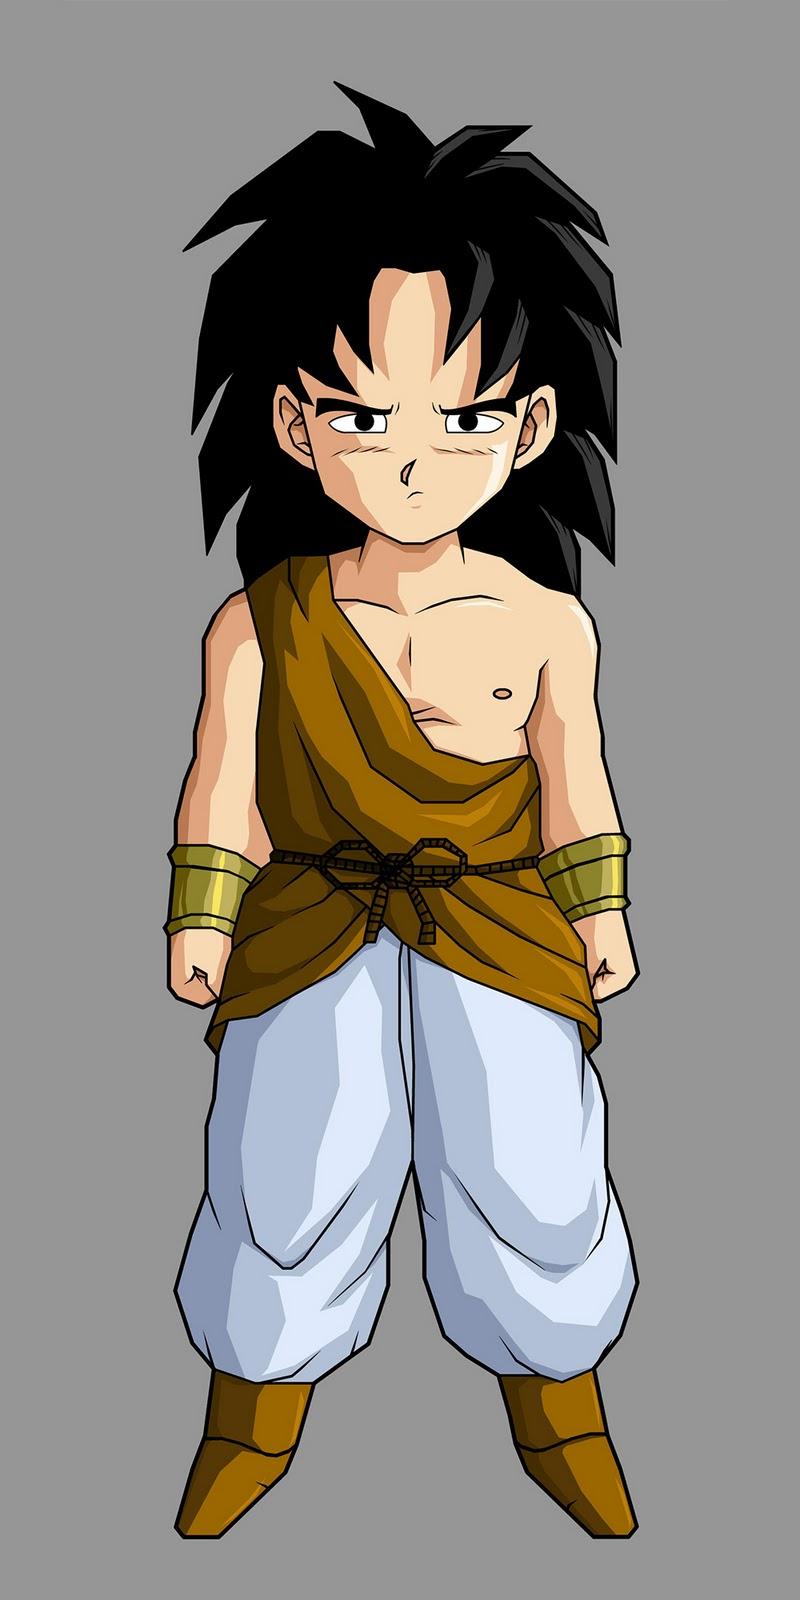 Animequizone a historia de brolly o ou lado do guerreiro - Dragon ball z baby broly ...